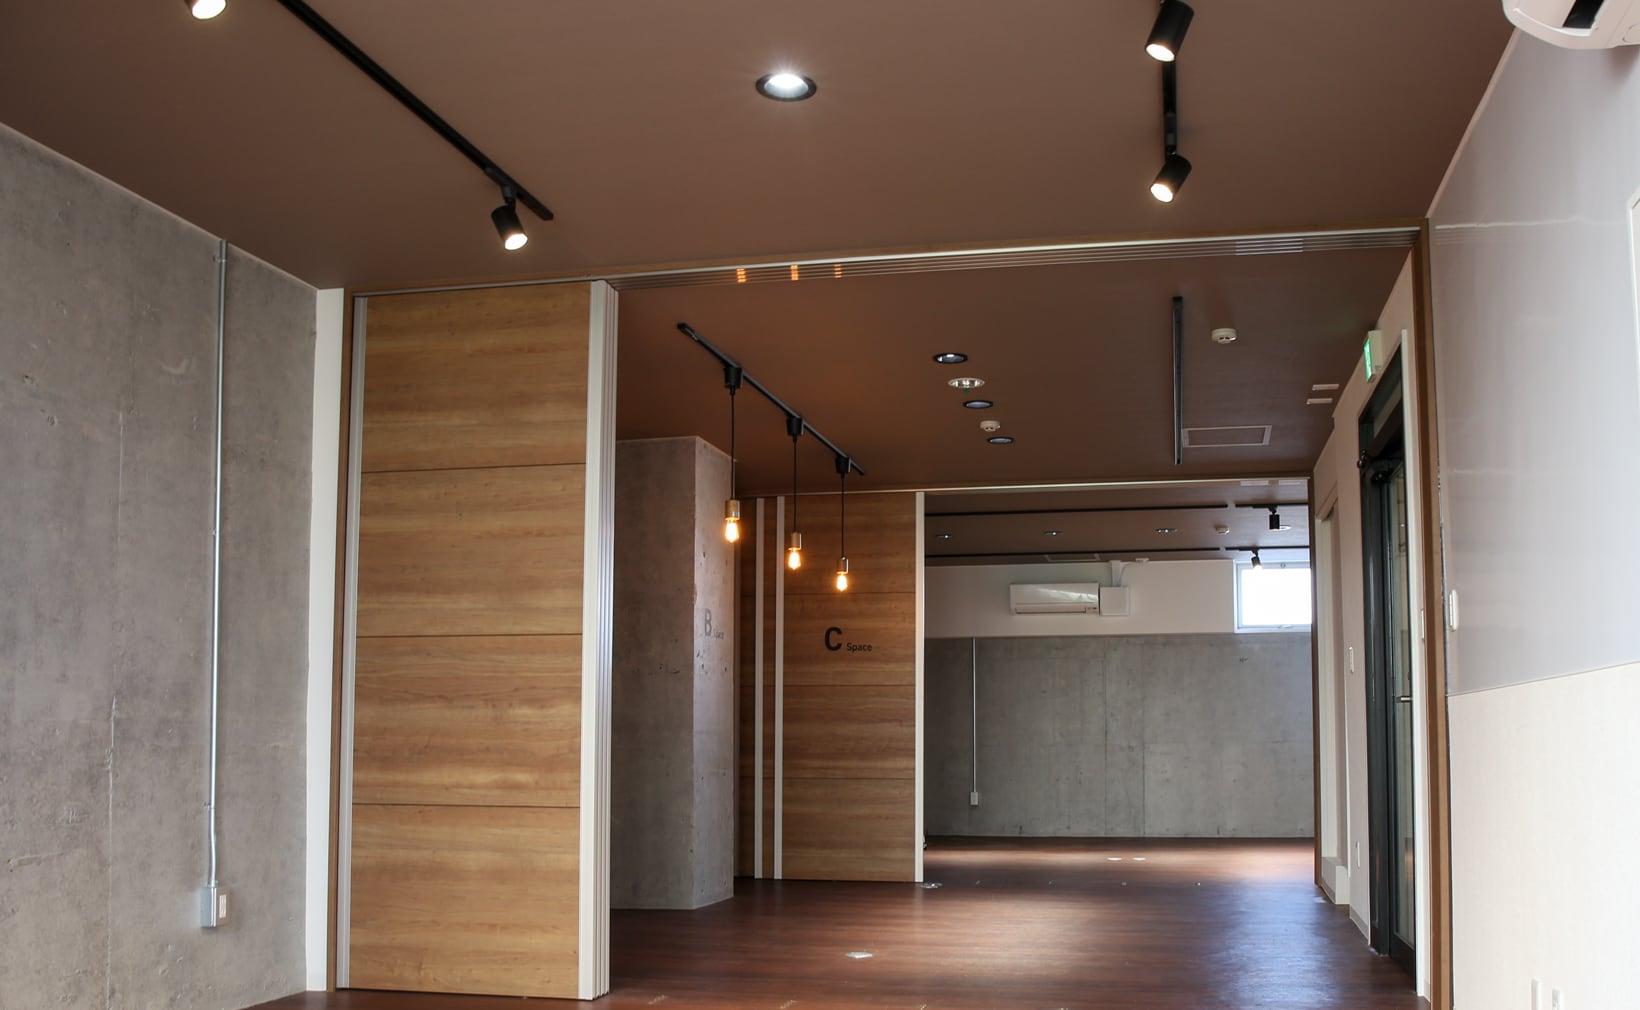 MARUCO(マルコ)貸会議室 Aスペース・Bスペース・Cスペース